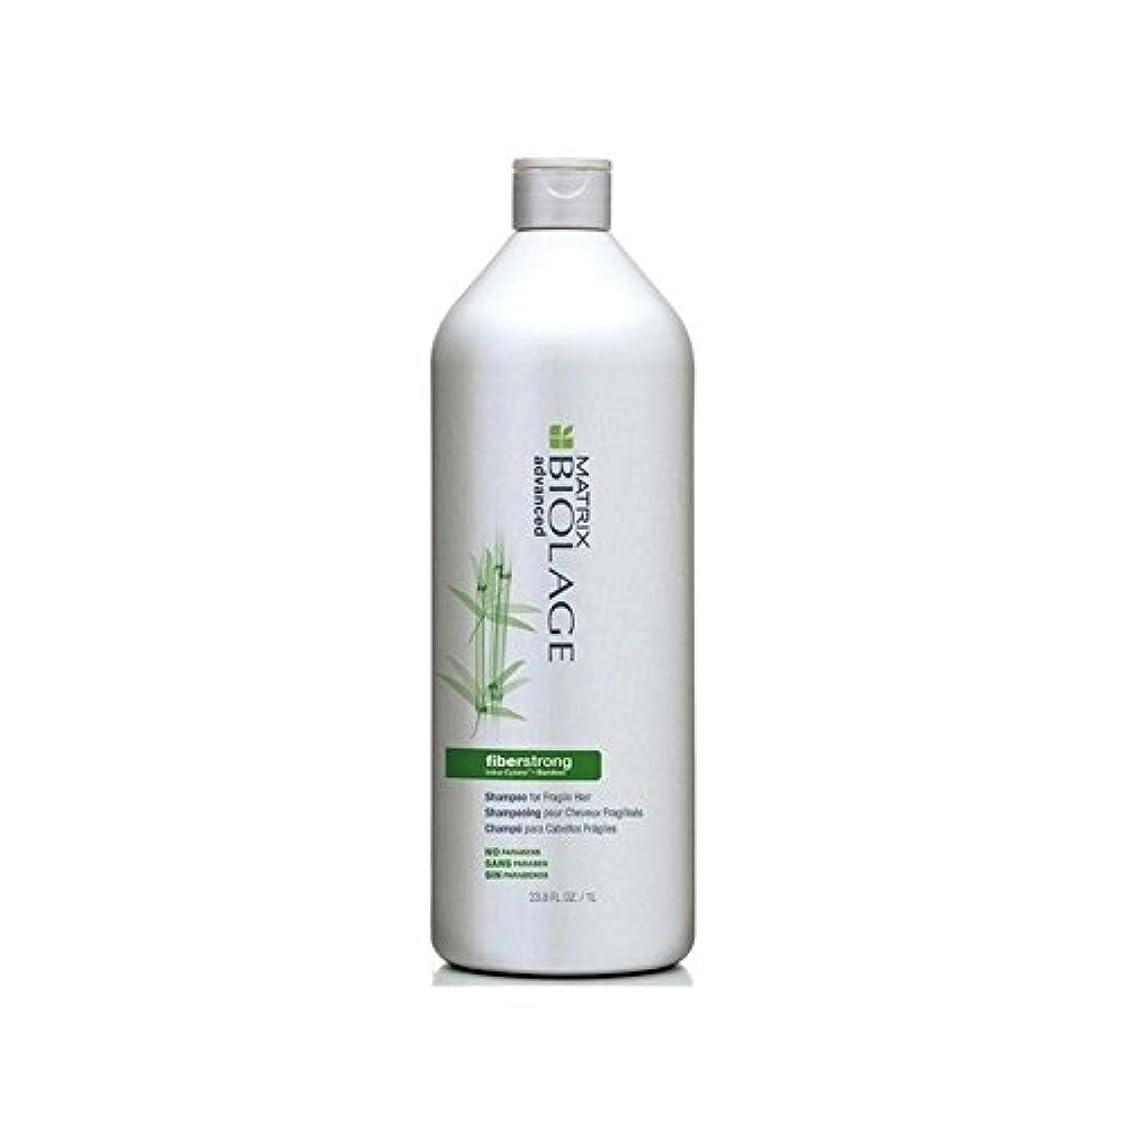 テロリスト知的ゲームMatrix Biolage Fiberstrong Shampoo (1000ml) With Pump (Pack of 6) - ポンプを有するマトリックスバイオレイジのシャンプー(千ミリリットル) x6 [並行輸入品]